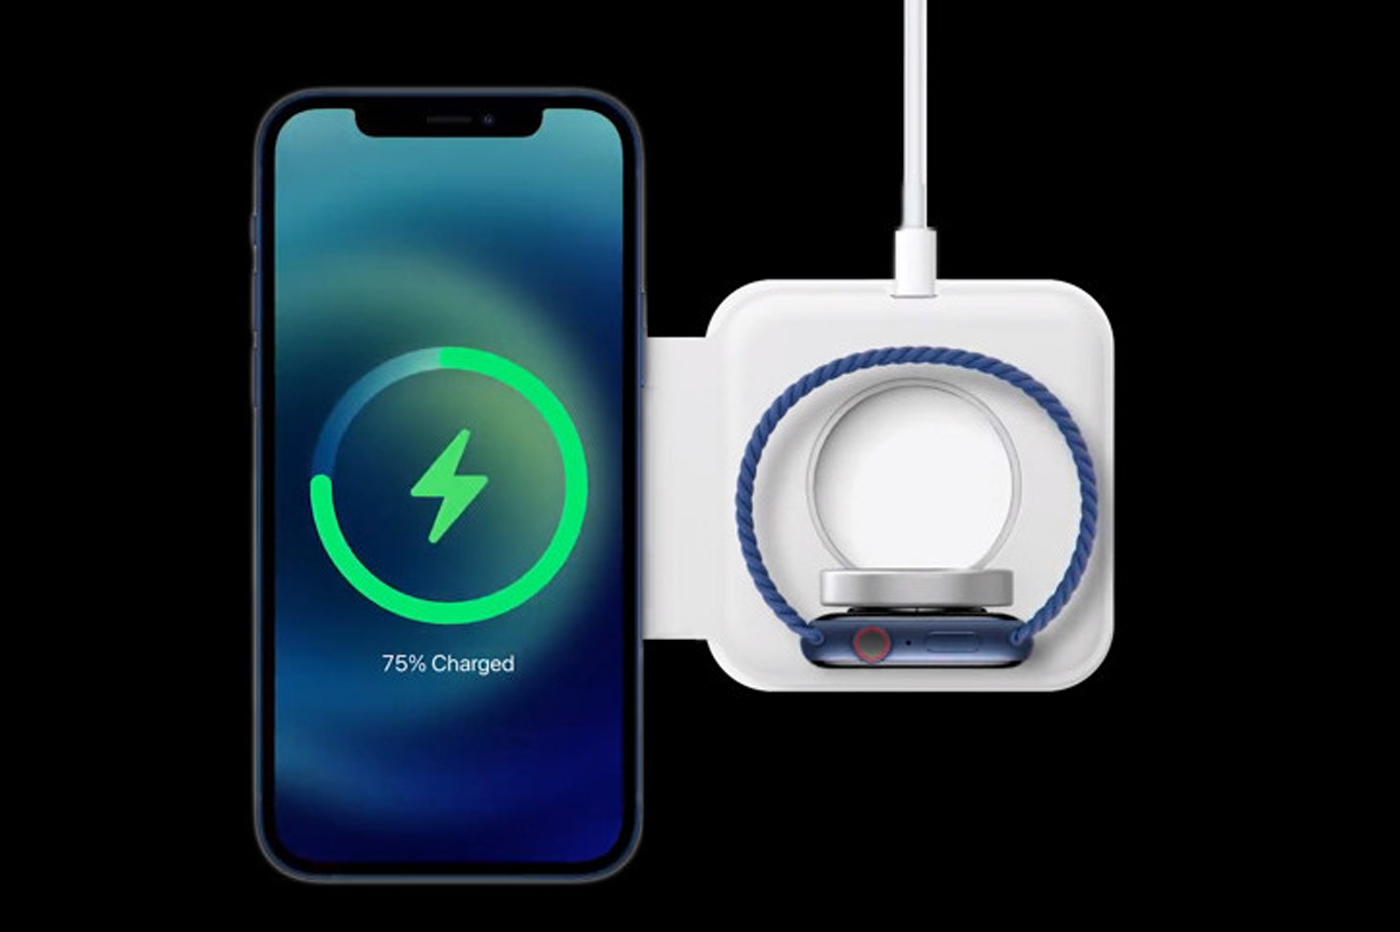 Le chargeur MagSafe Duo ne charge pas les iPhone à 15W